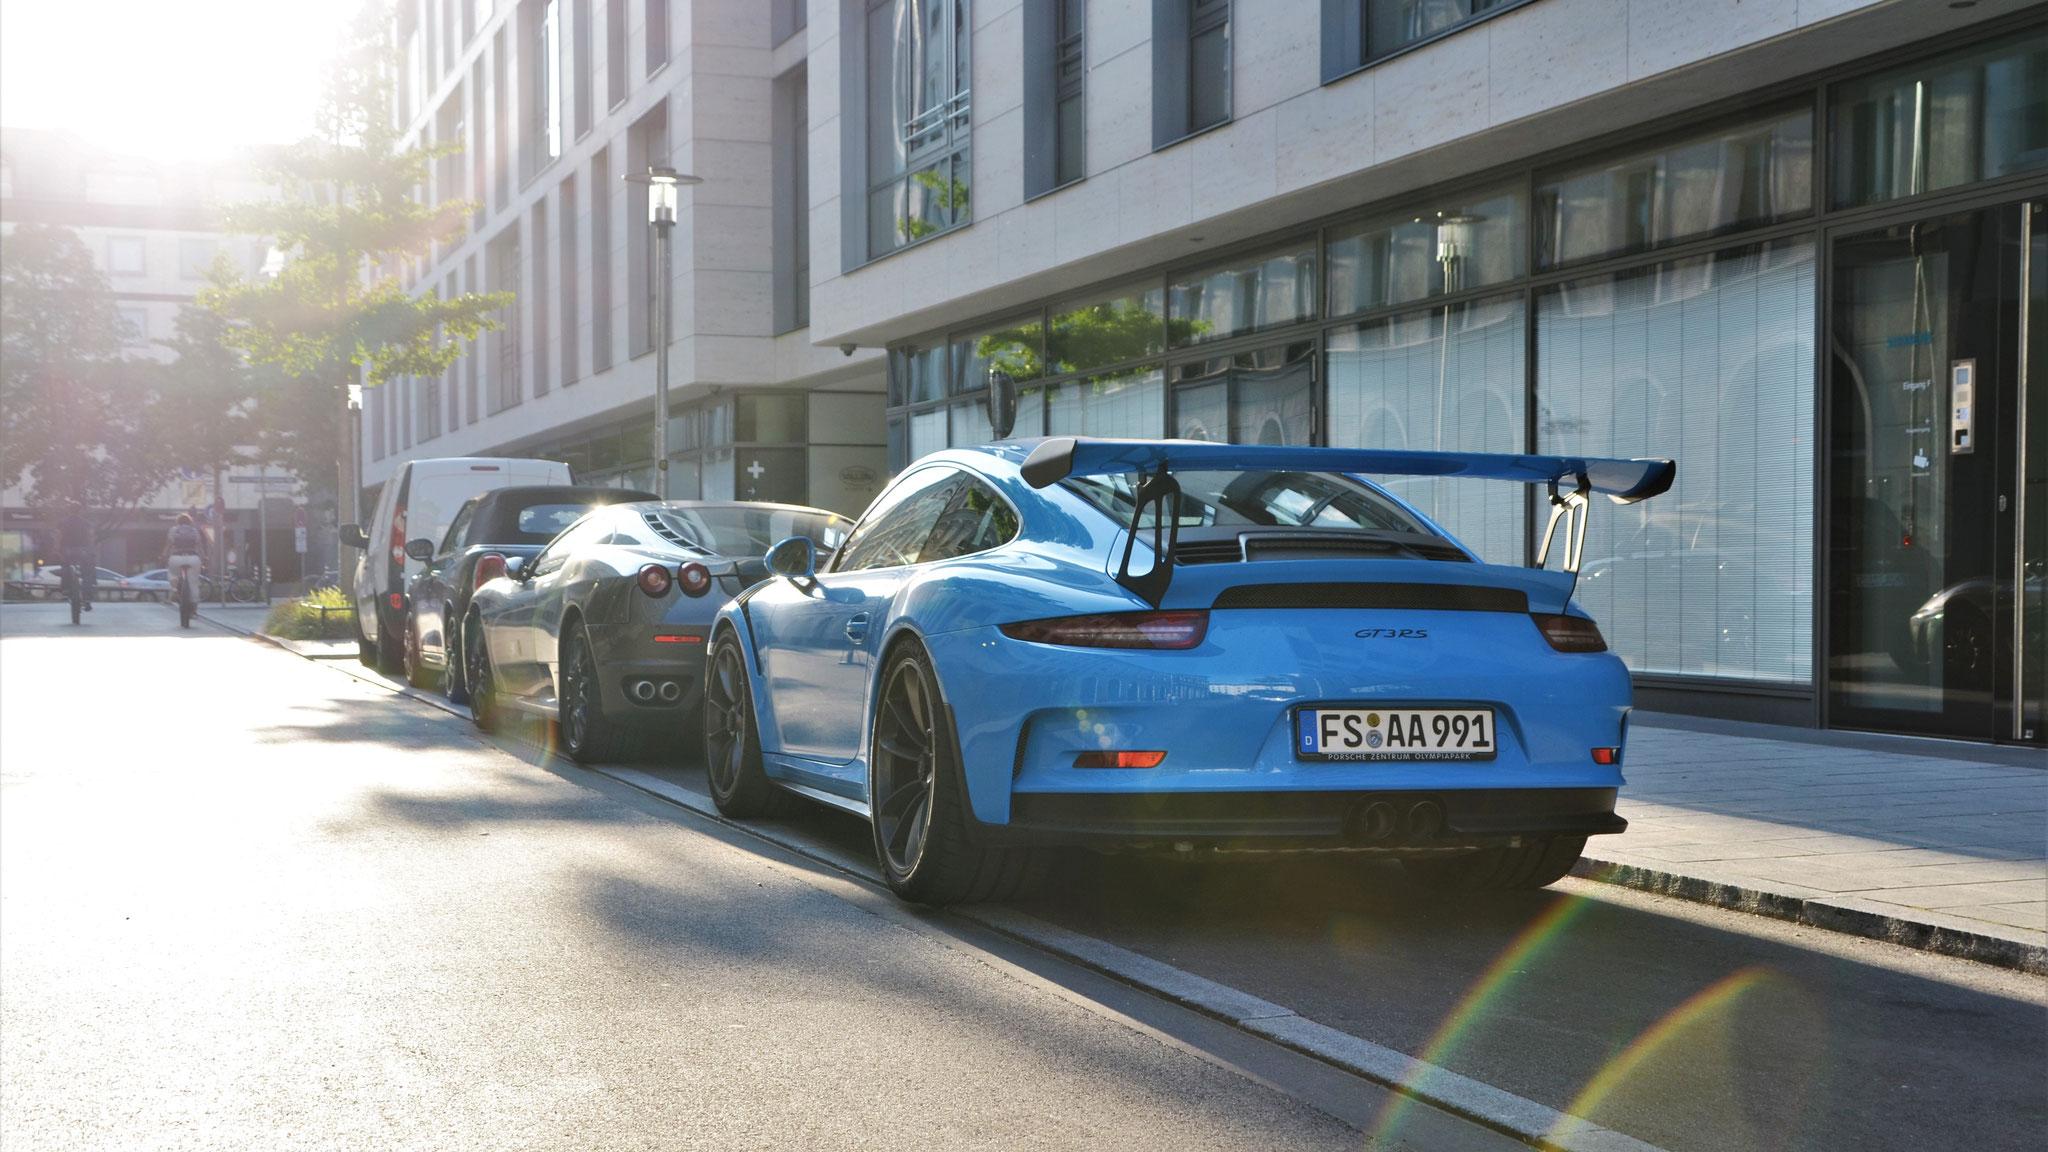 Porsche 911 GT3 RS - FS-AA-991